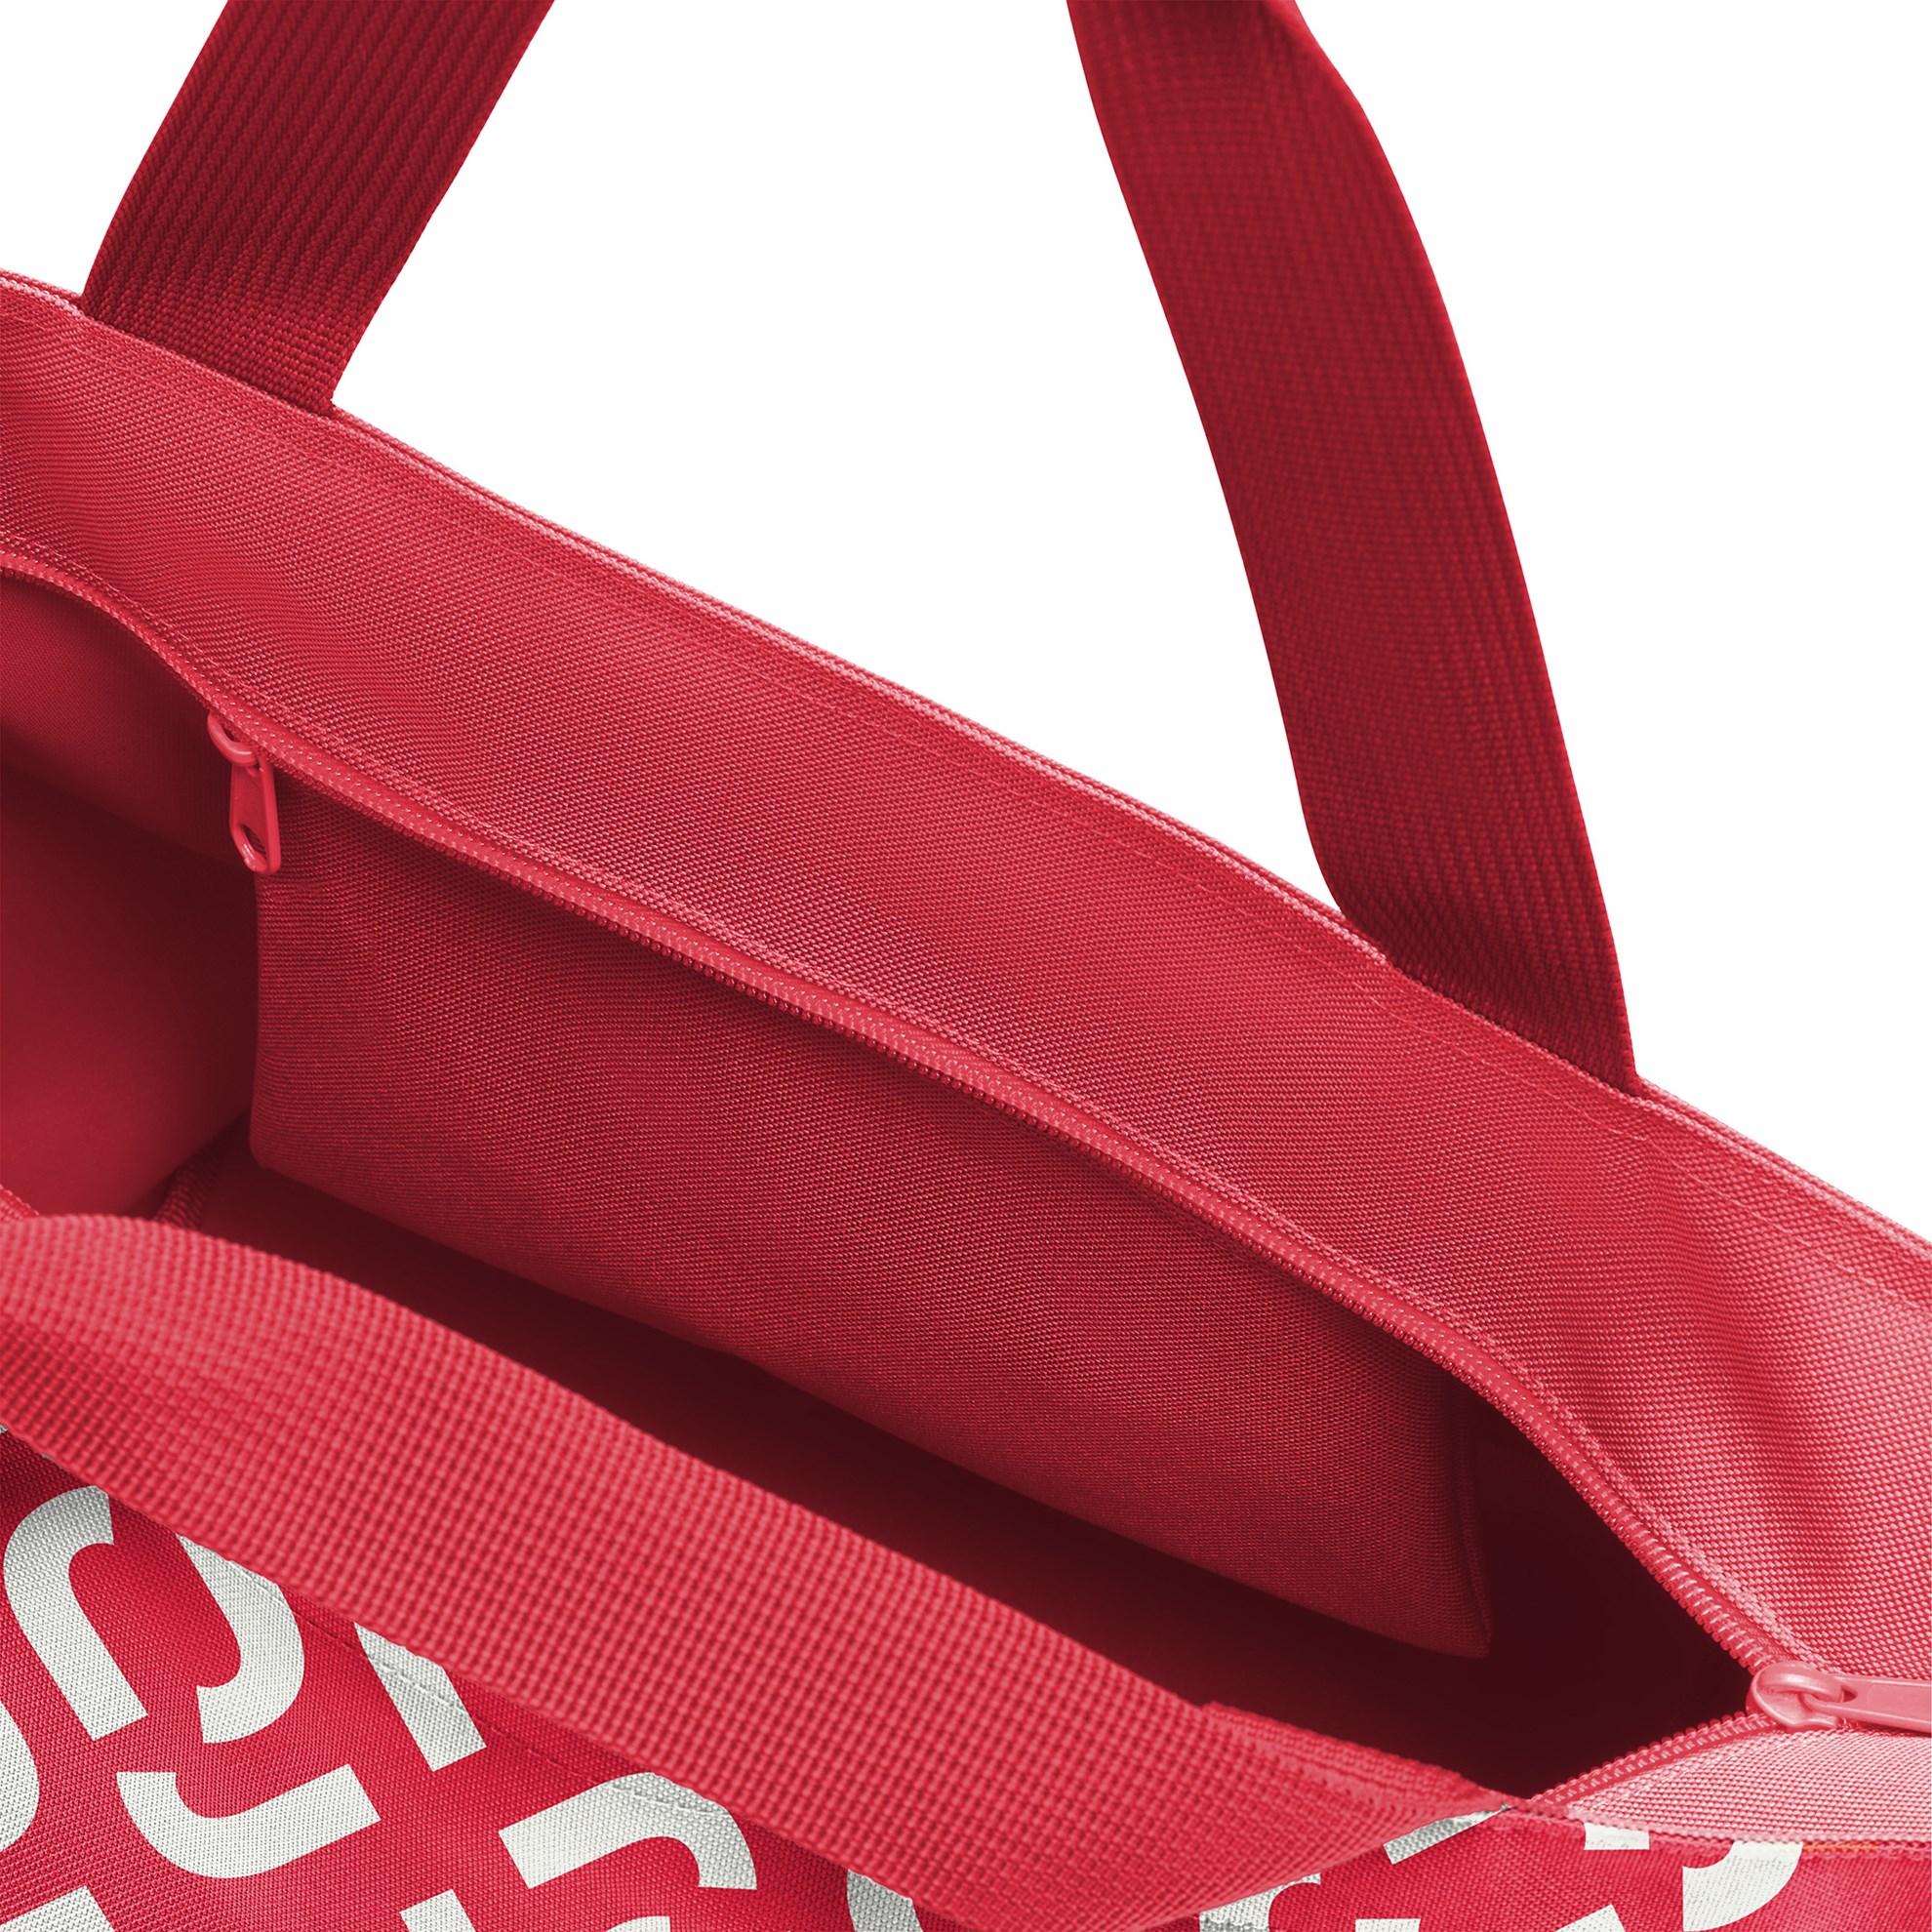 Nákupní taška Shopper M signature red_0